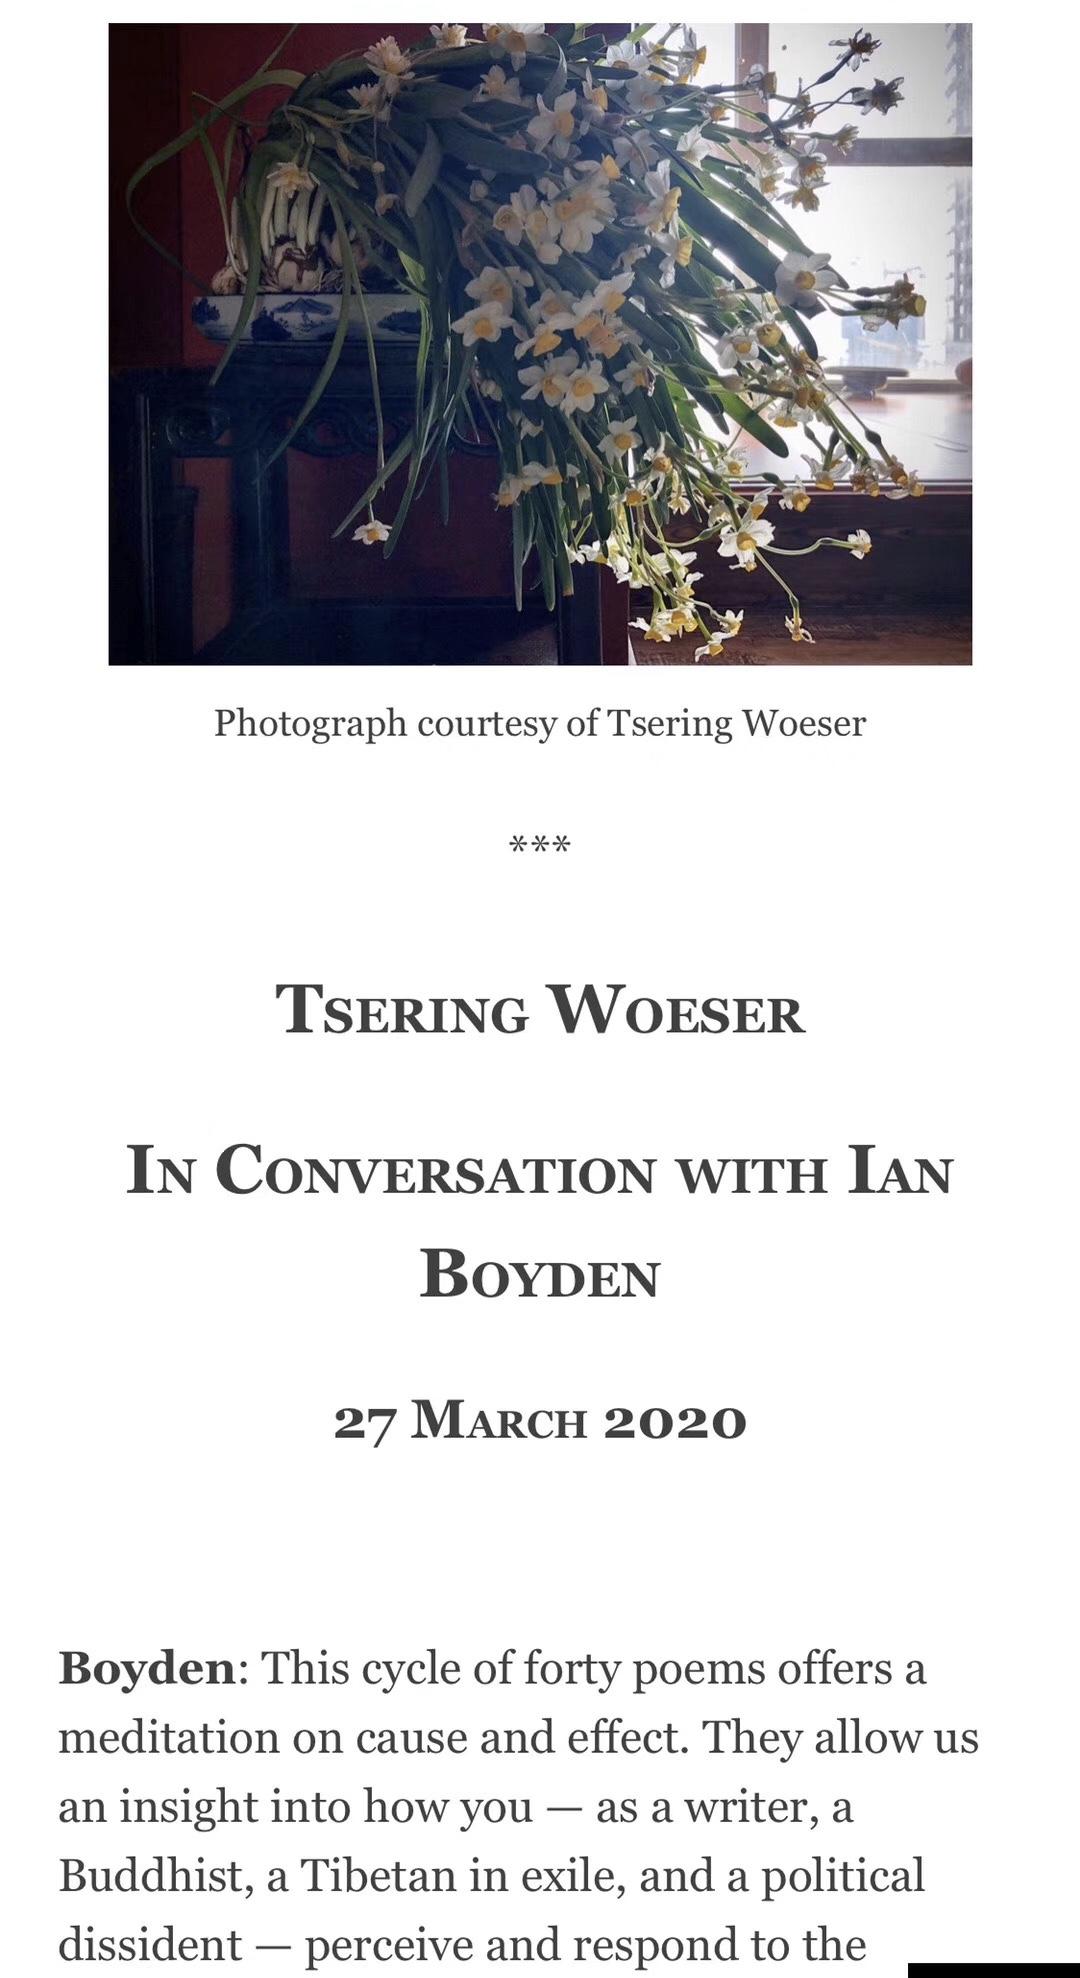 图说:4月18日,有关中国文化与政治的知名网站《China Heritage》(《遗典》),发表了我就正在全球大流行的瘟疫——武汉肺炎或新冠病毒——而写的长诗《时疫三行诗》,以及我与居住美国华盛顿州的译者、艺术家、诗人Ian Boyden的对话。(唯色提供)